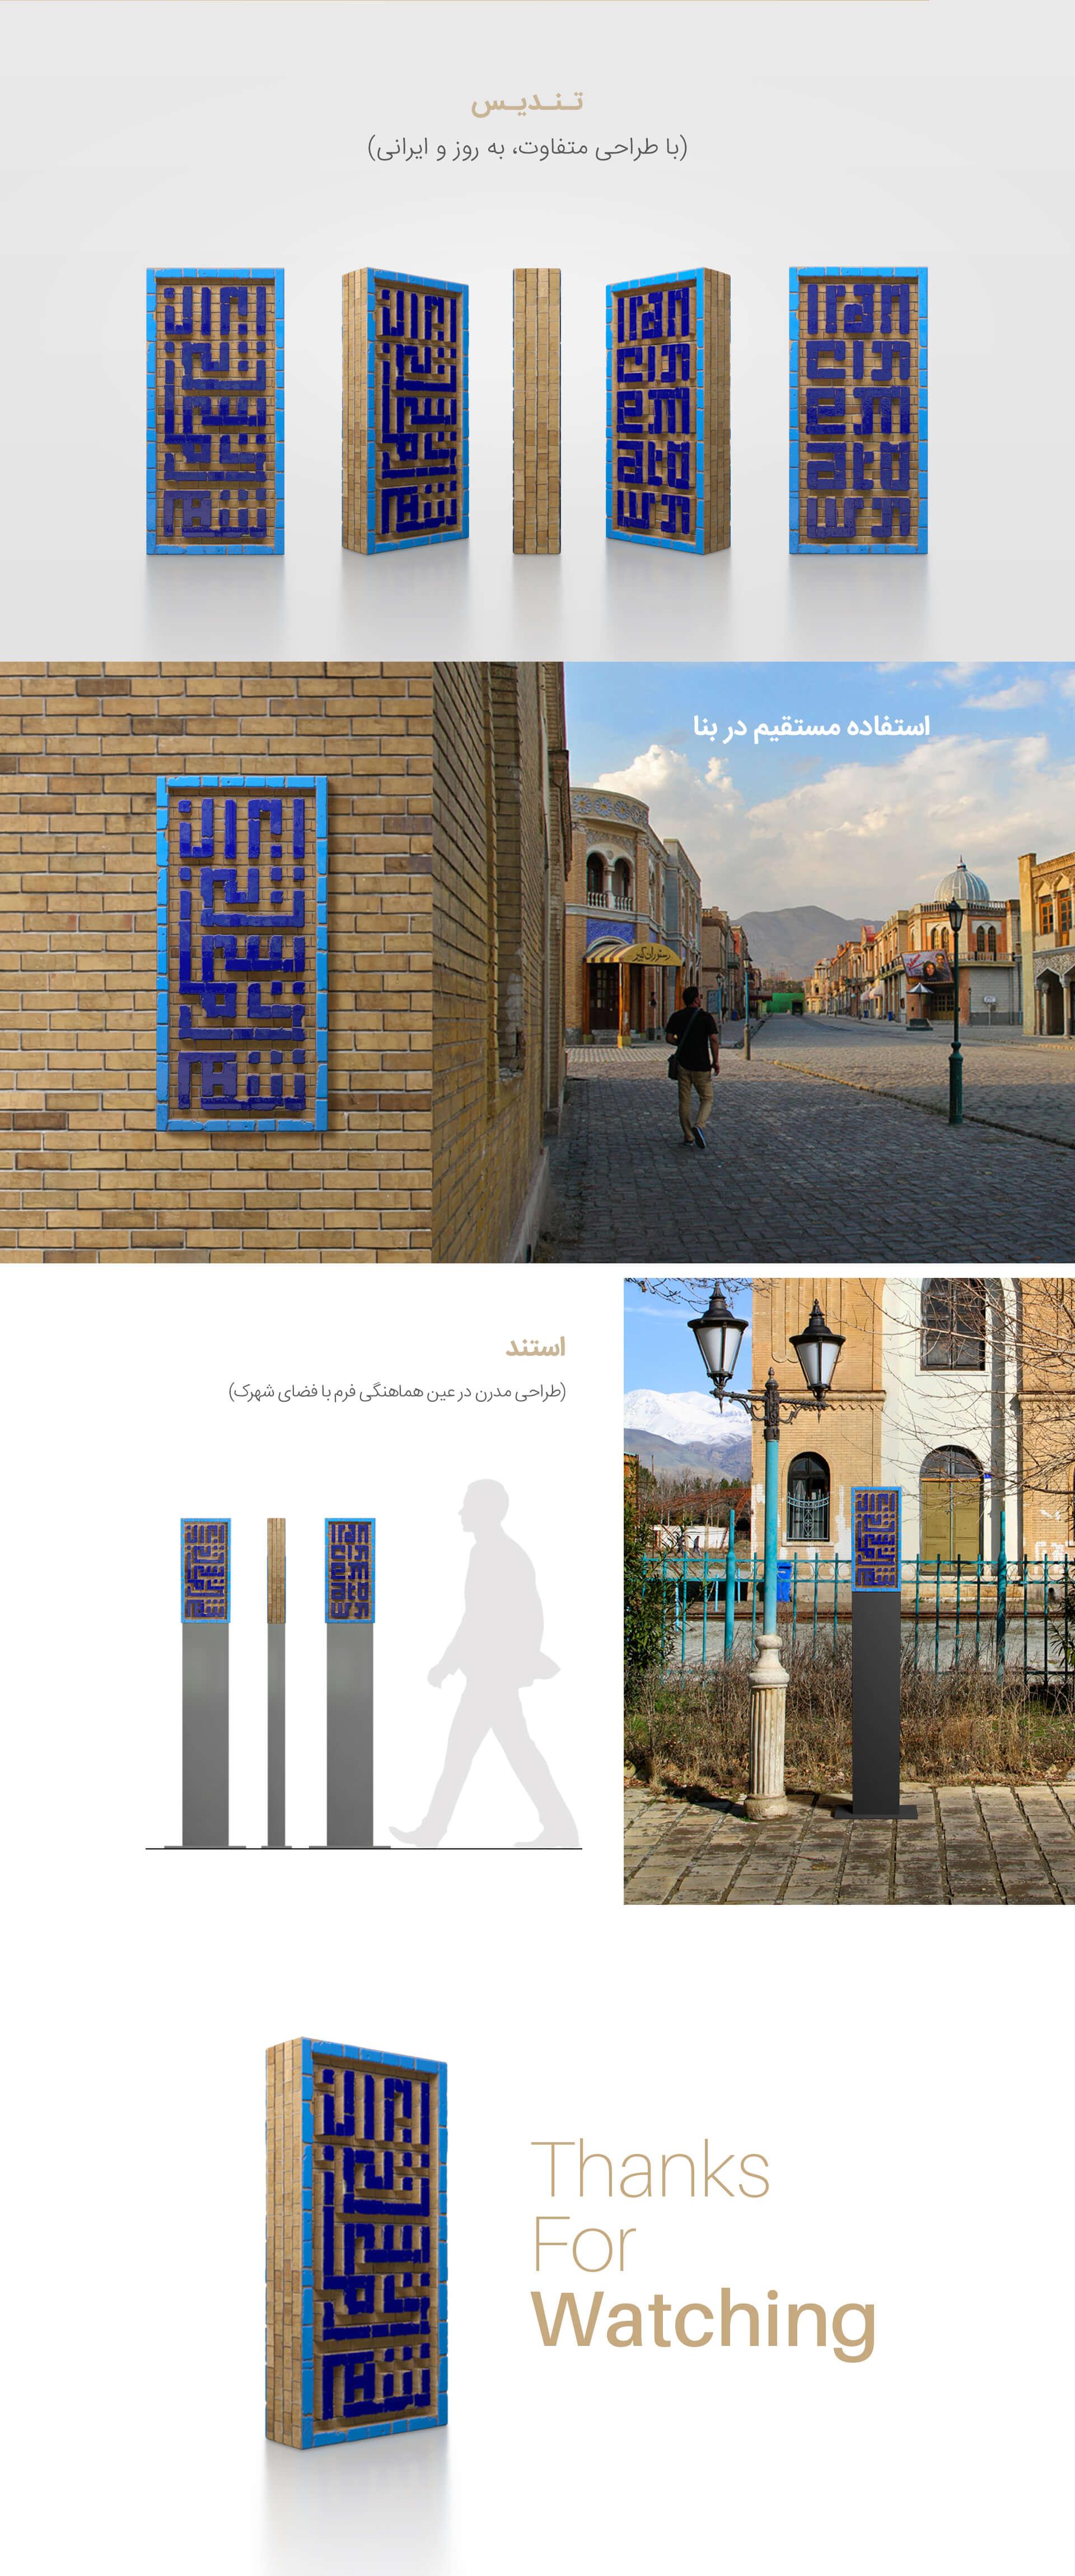 هویت بصری شهرک سینمایی ایران 4، هویت بصری، طراحی لوگو، طراحی لوگوتایپ، طراحی ست اداری، طراحی اوراق اداری، شرکت تبلیغاتی الف، طراحی هویت بصری